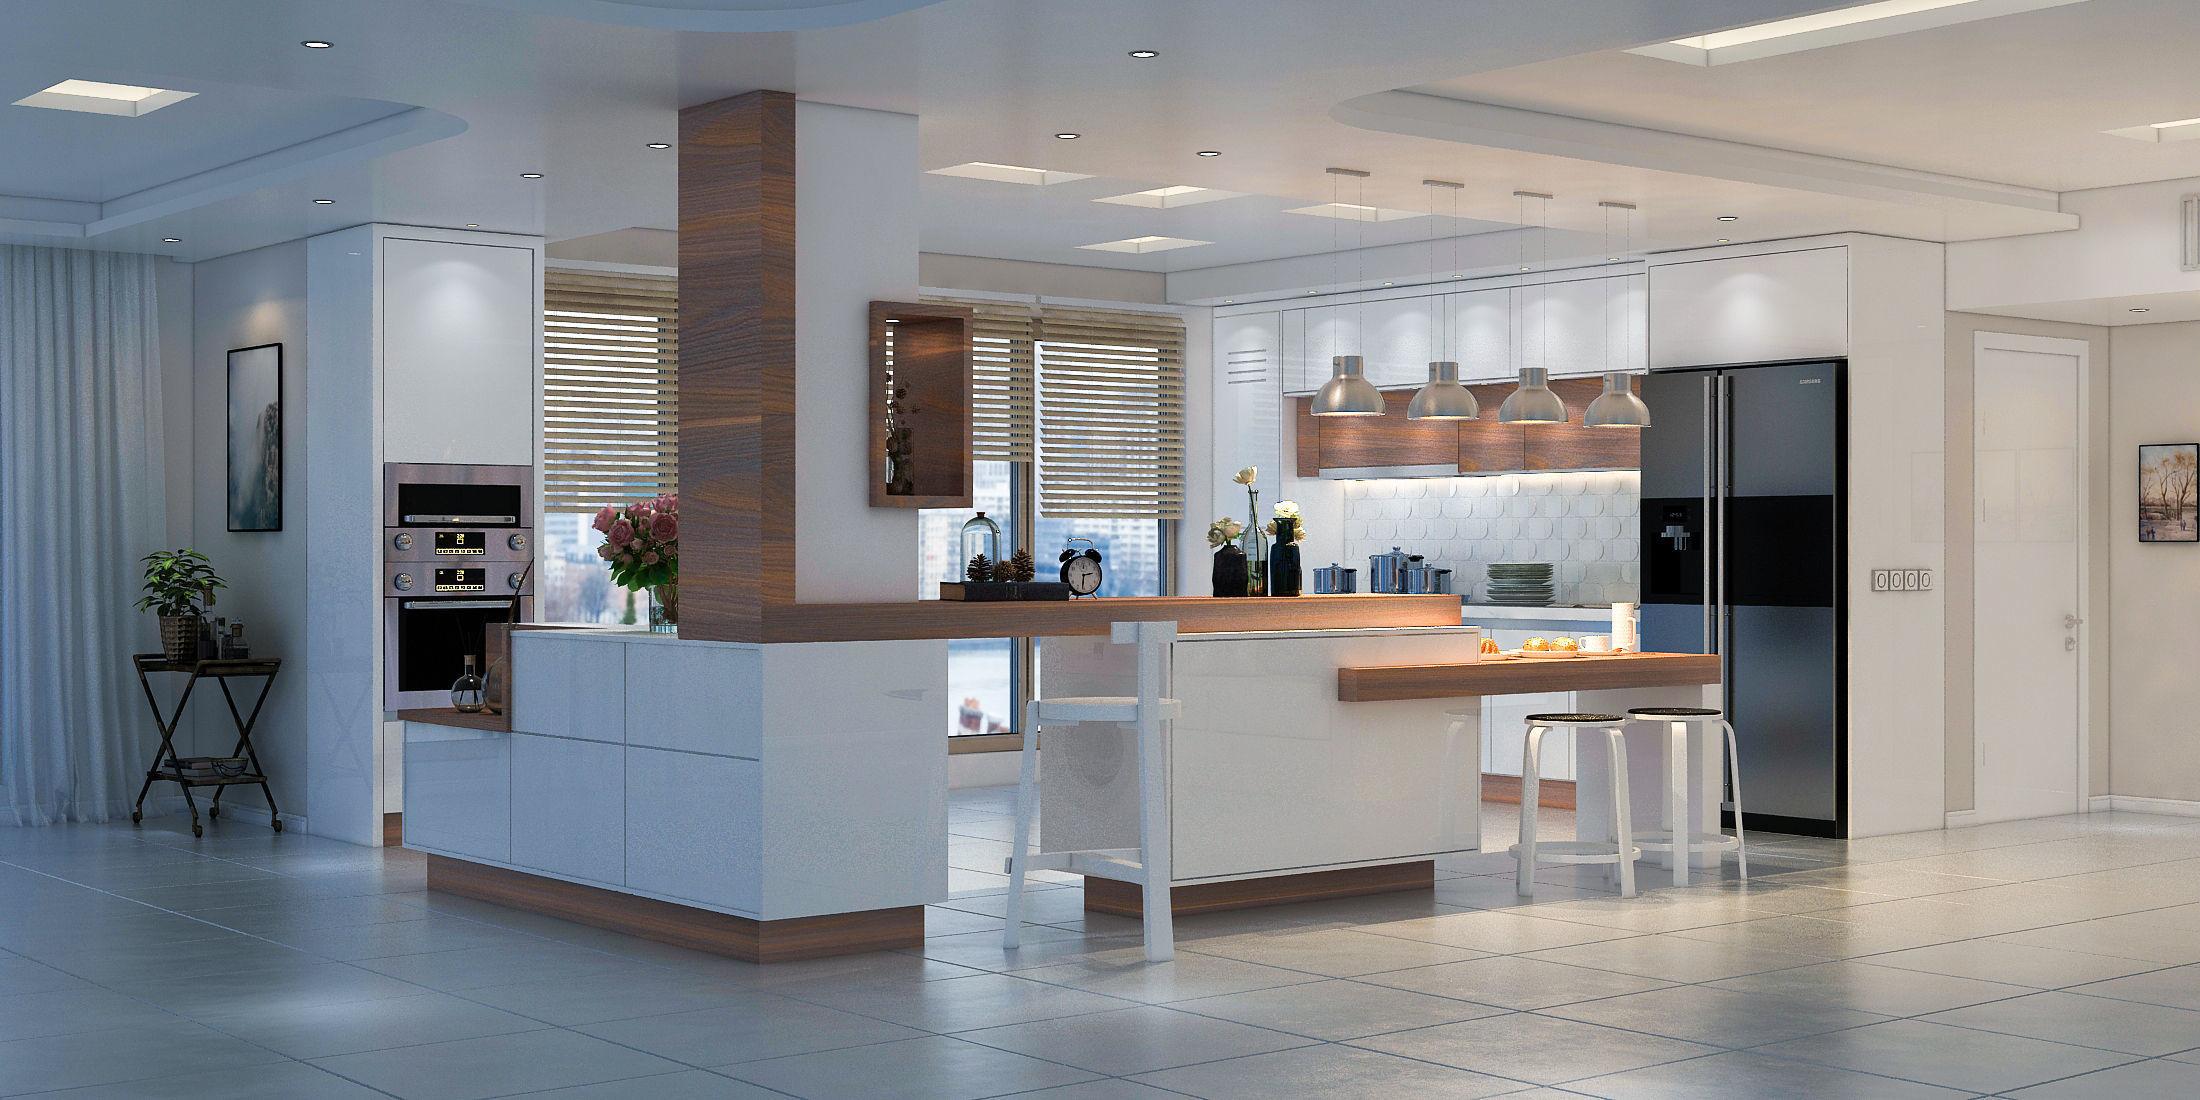 3D kitchen Modern Kitchen | CGTrader on Modern Model Kitchen  id=87130